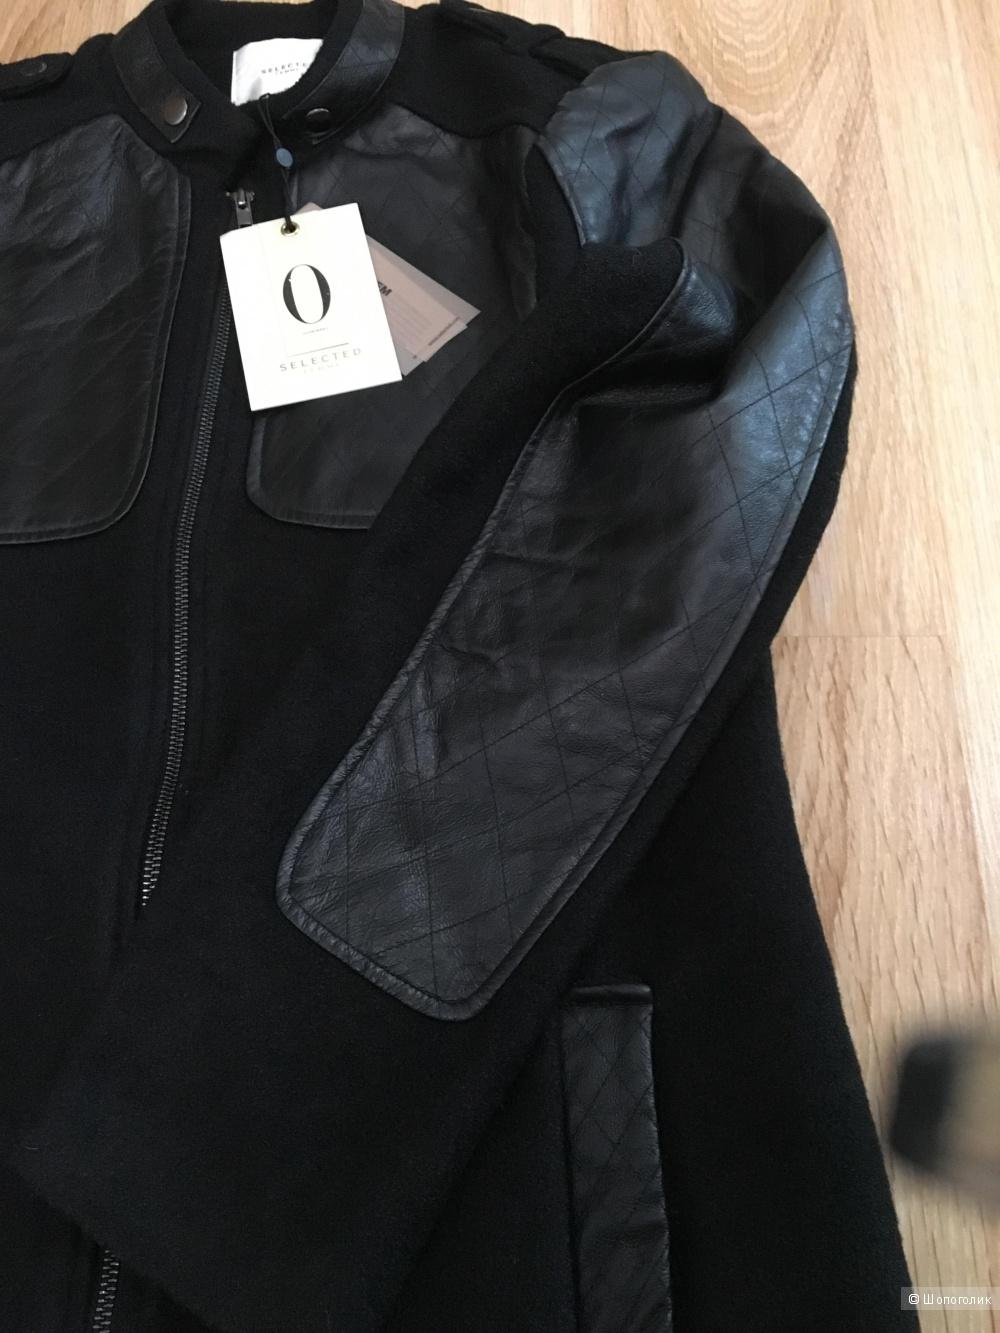 Пальто Selected uk12, новое с этикетками